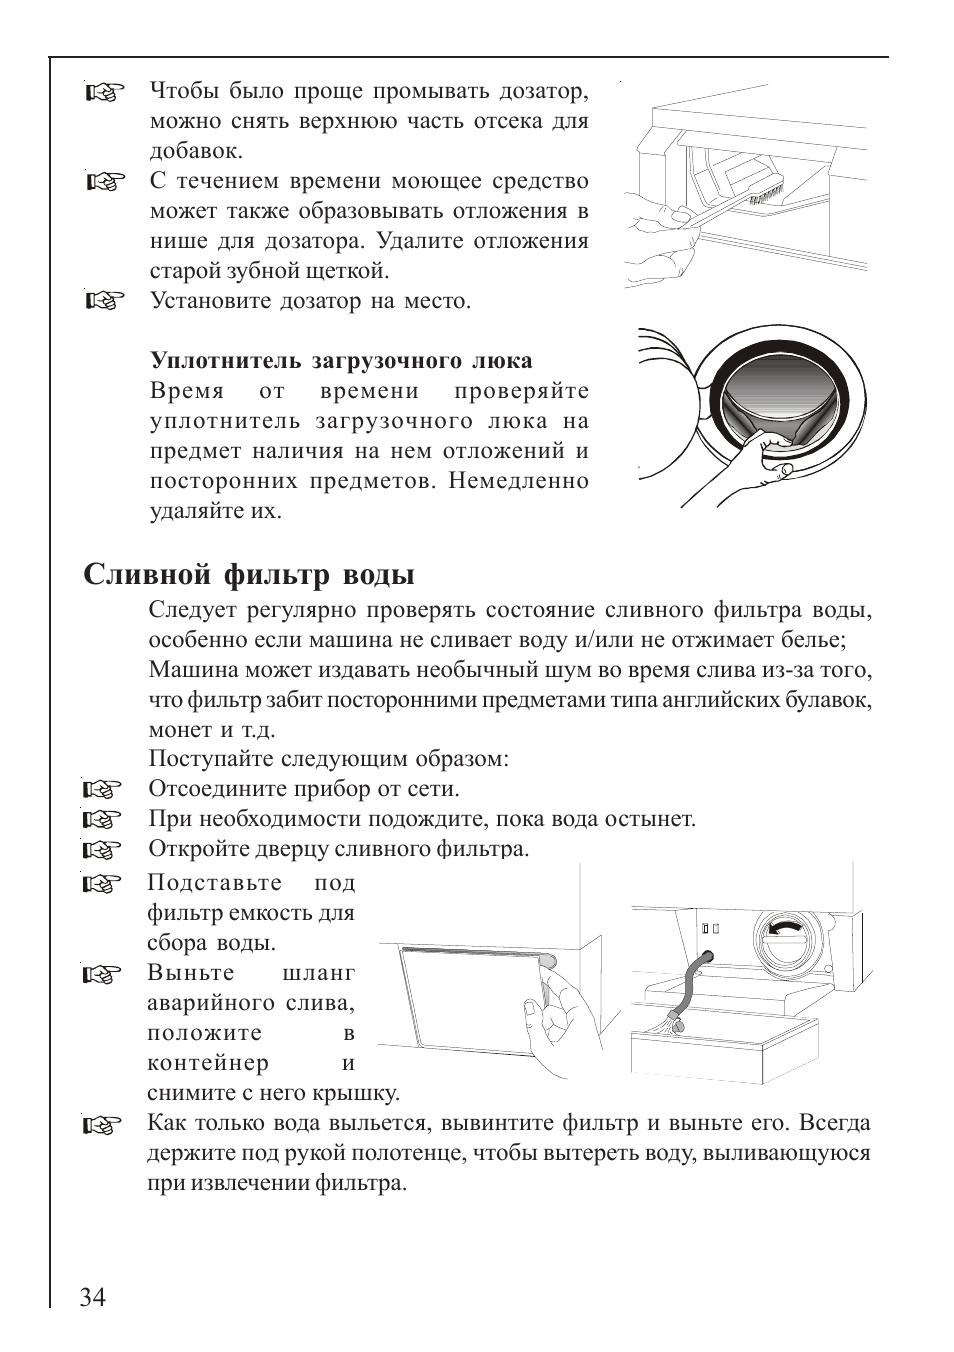 инструкция к стиральной машине аег